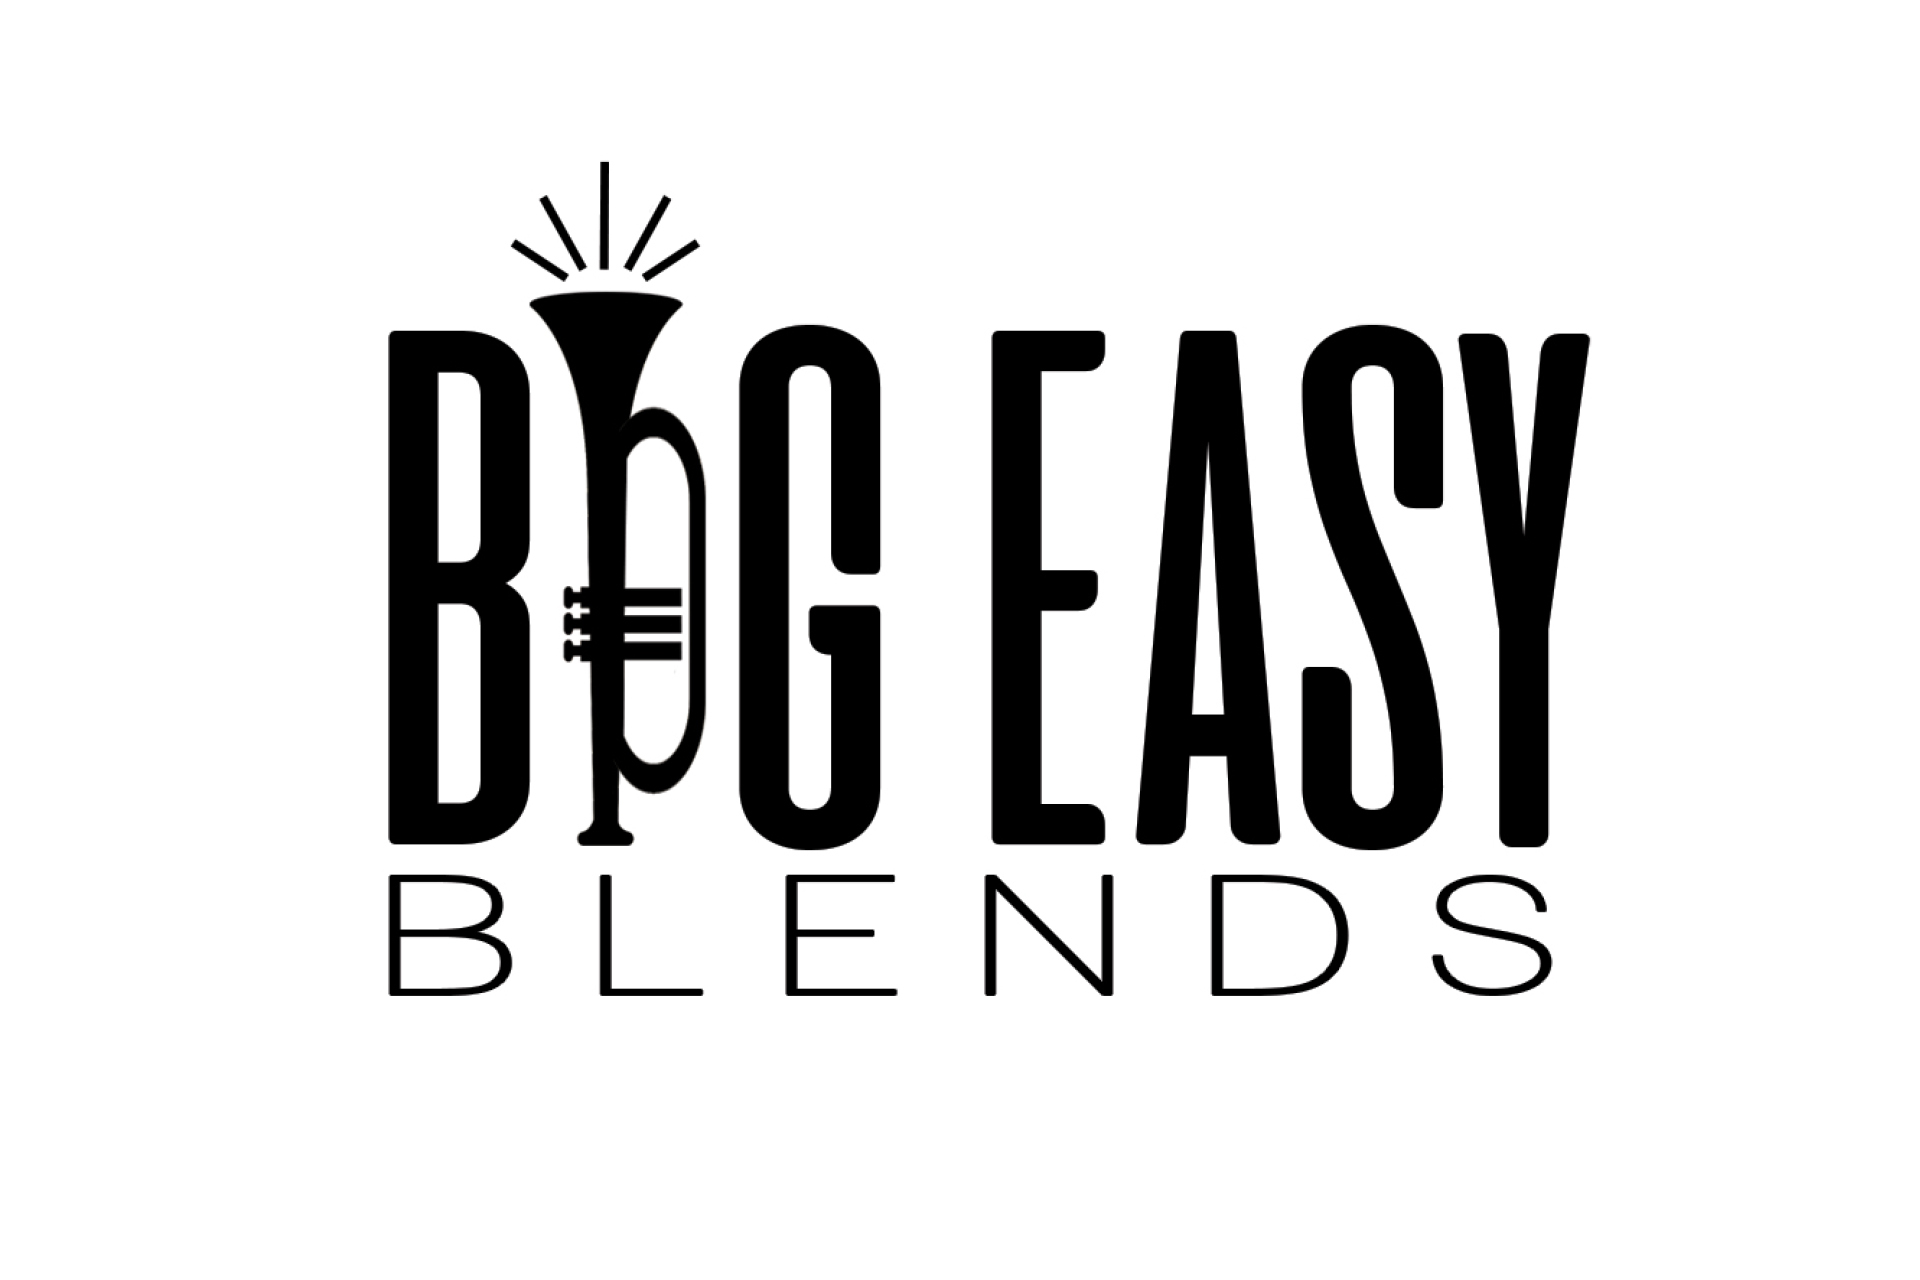 Big Easy Blends